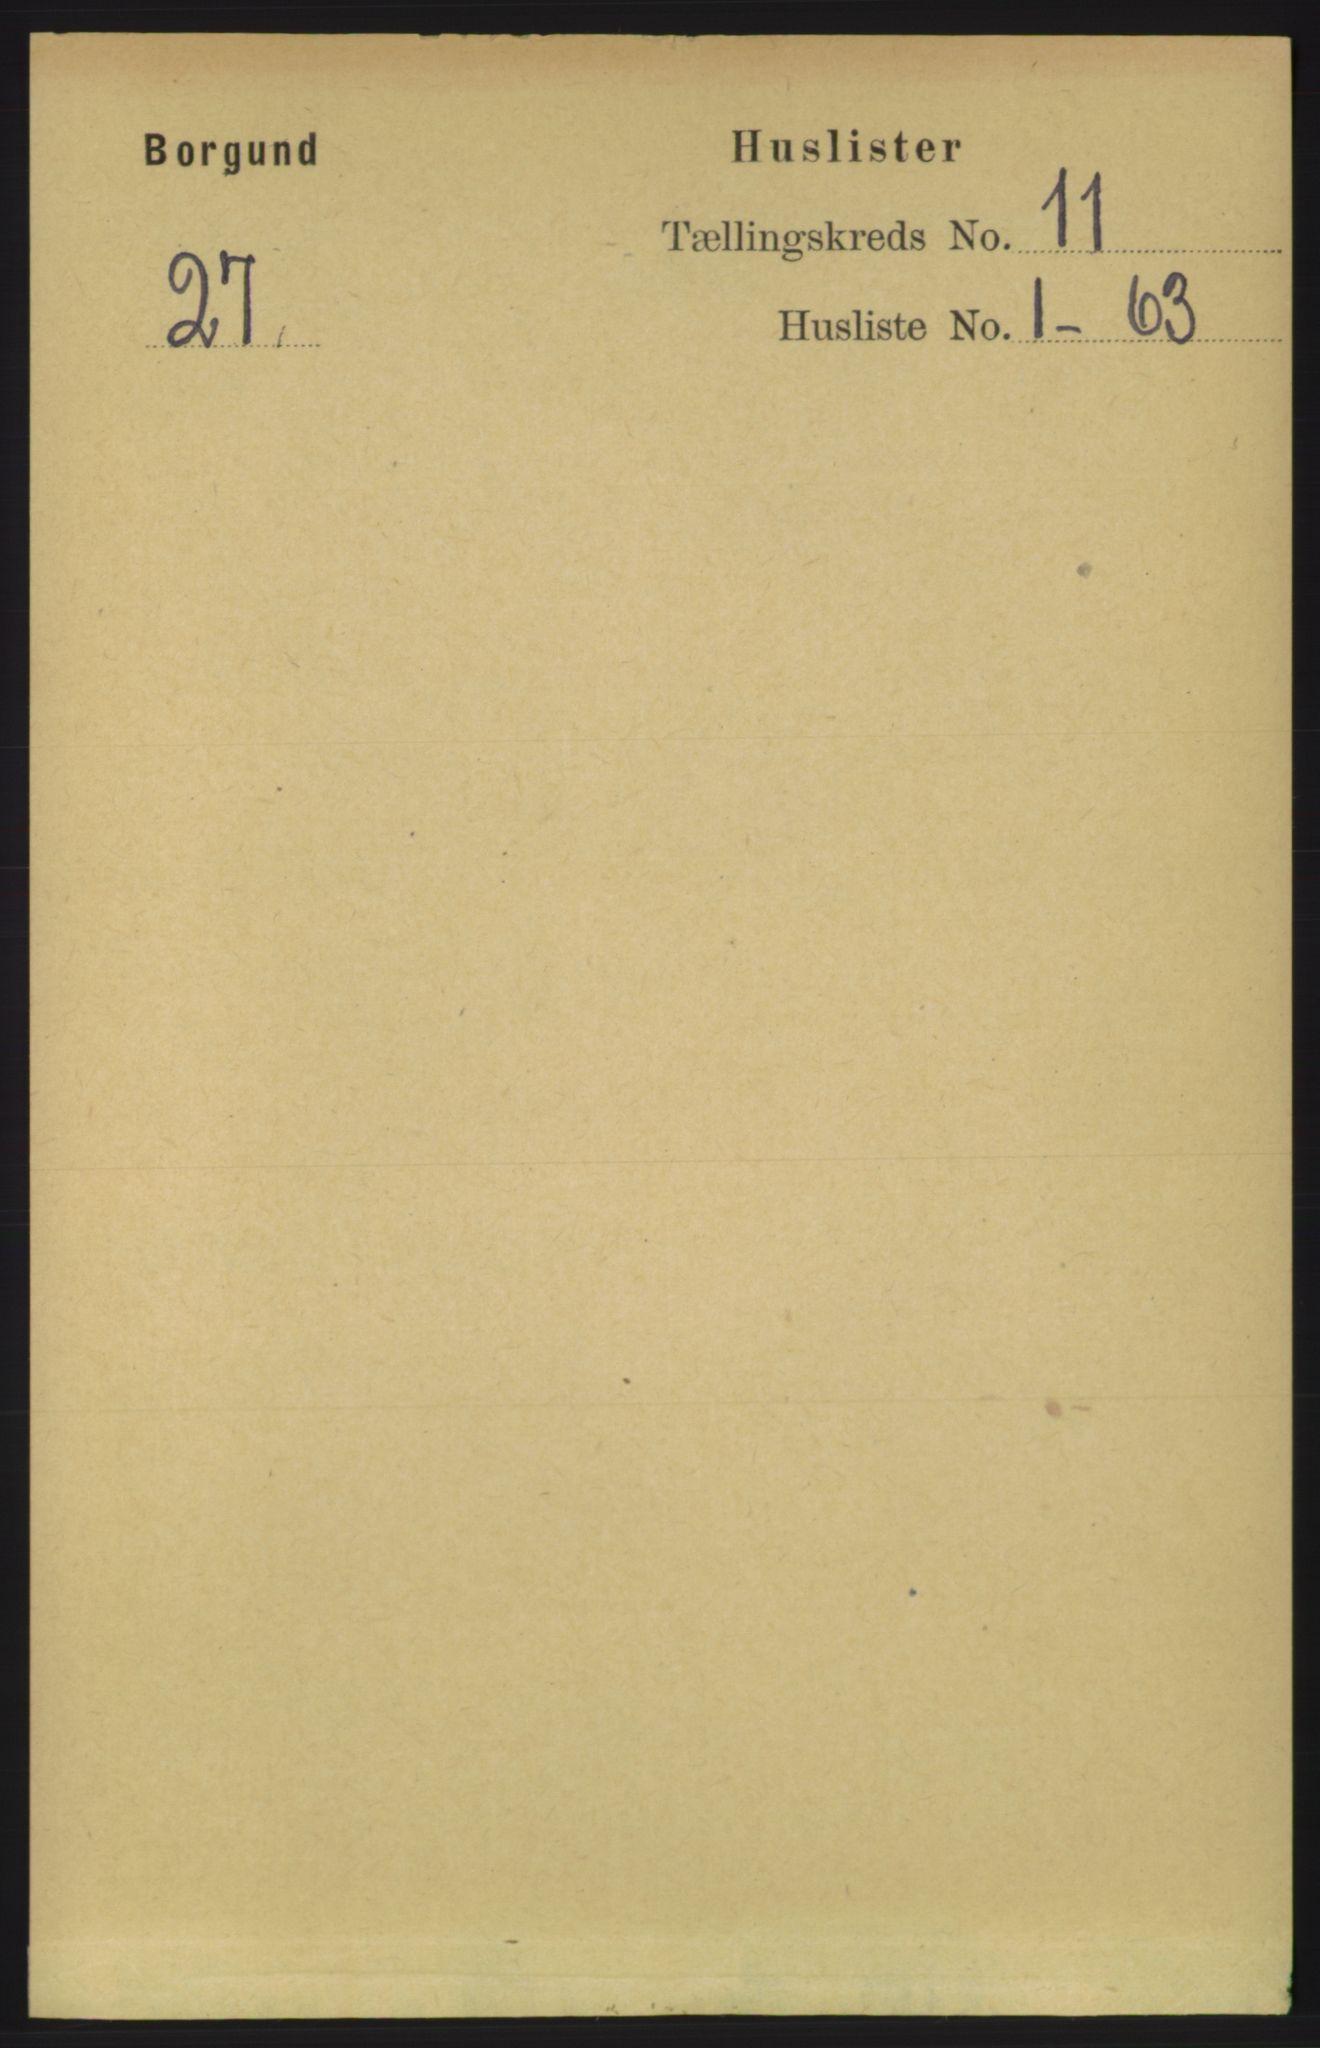 RA, Folketelling 1891 for 1531 Borgund herred, 1891, s. 2688